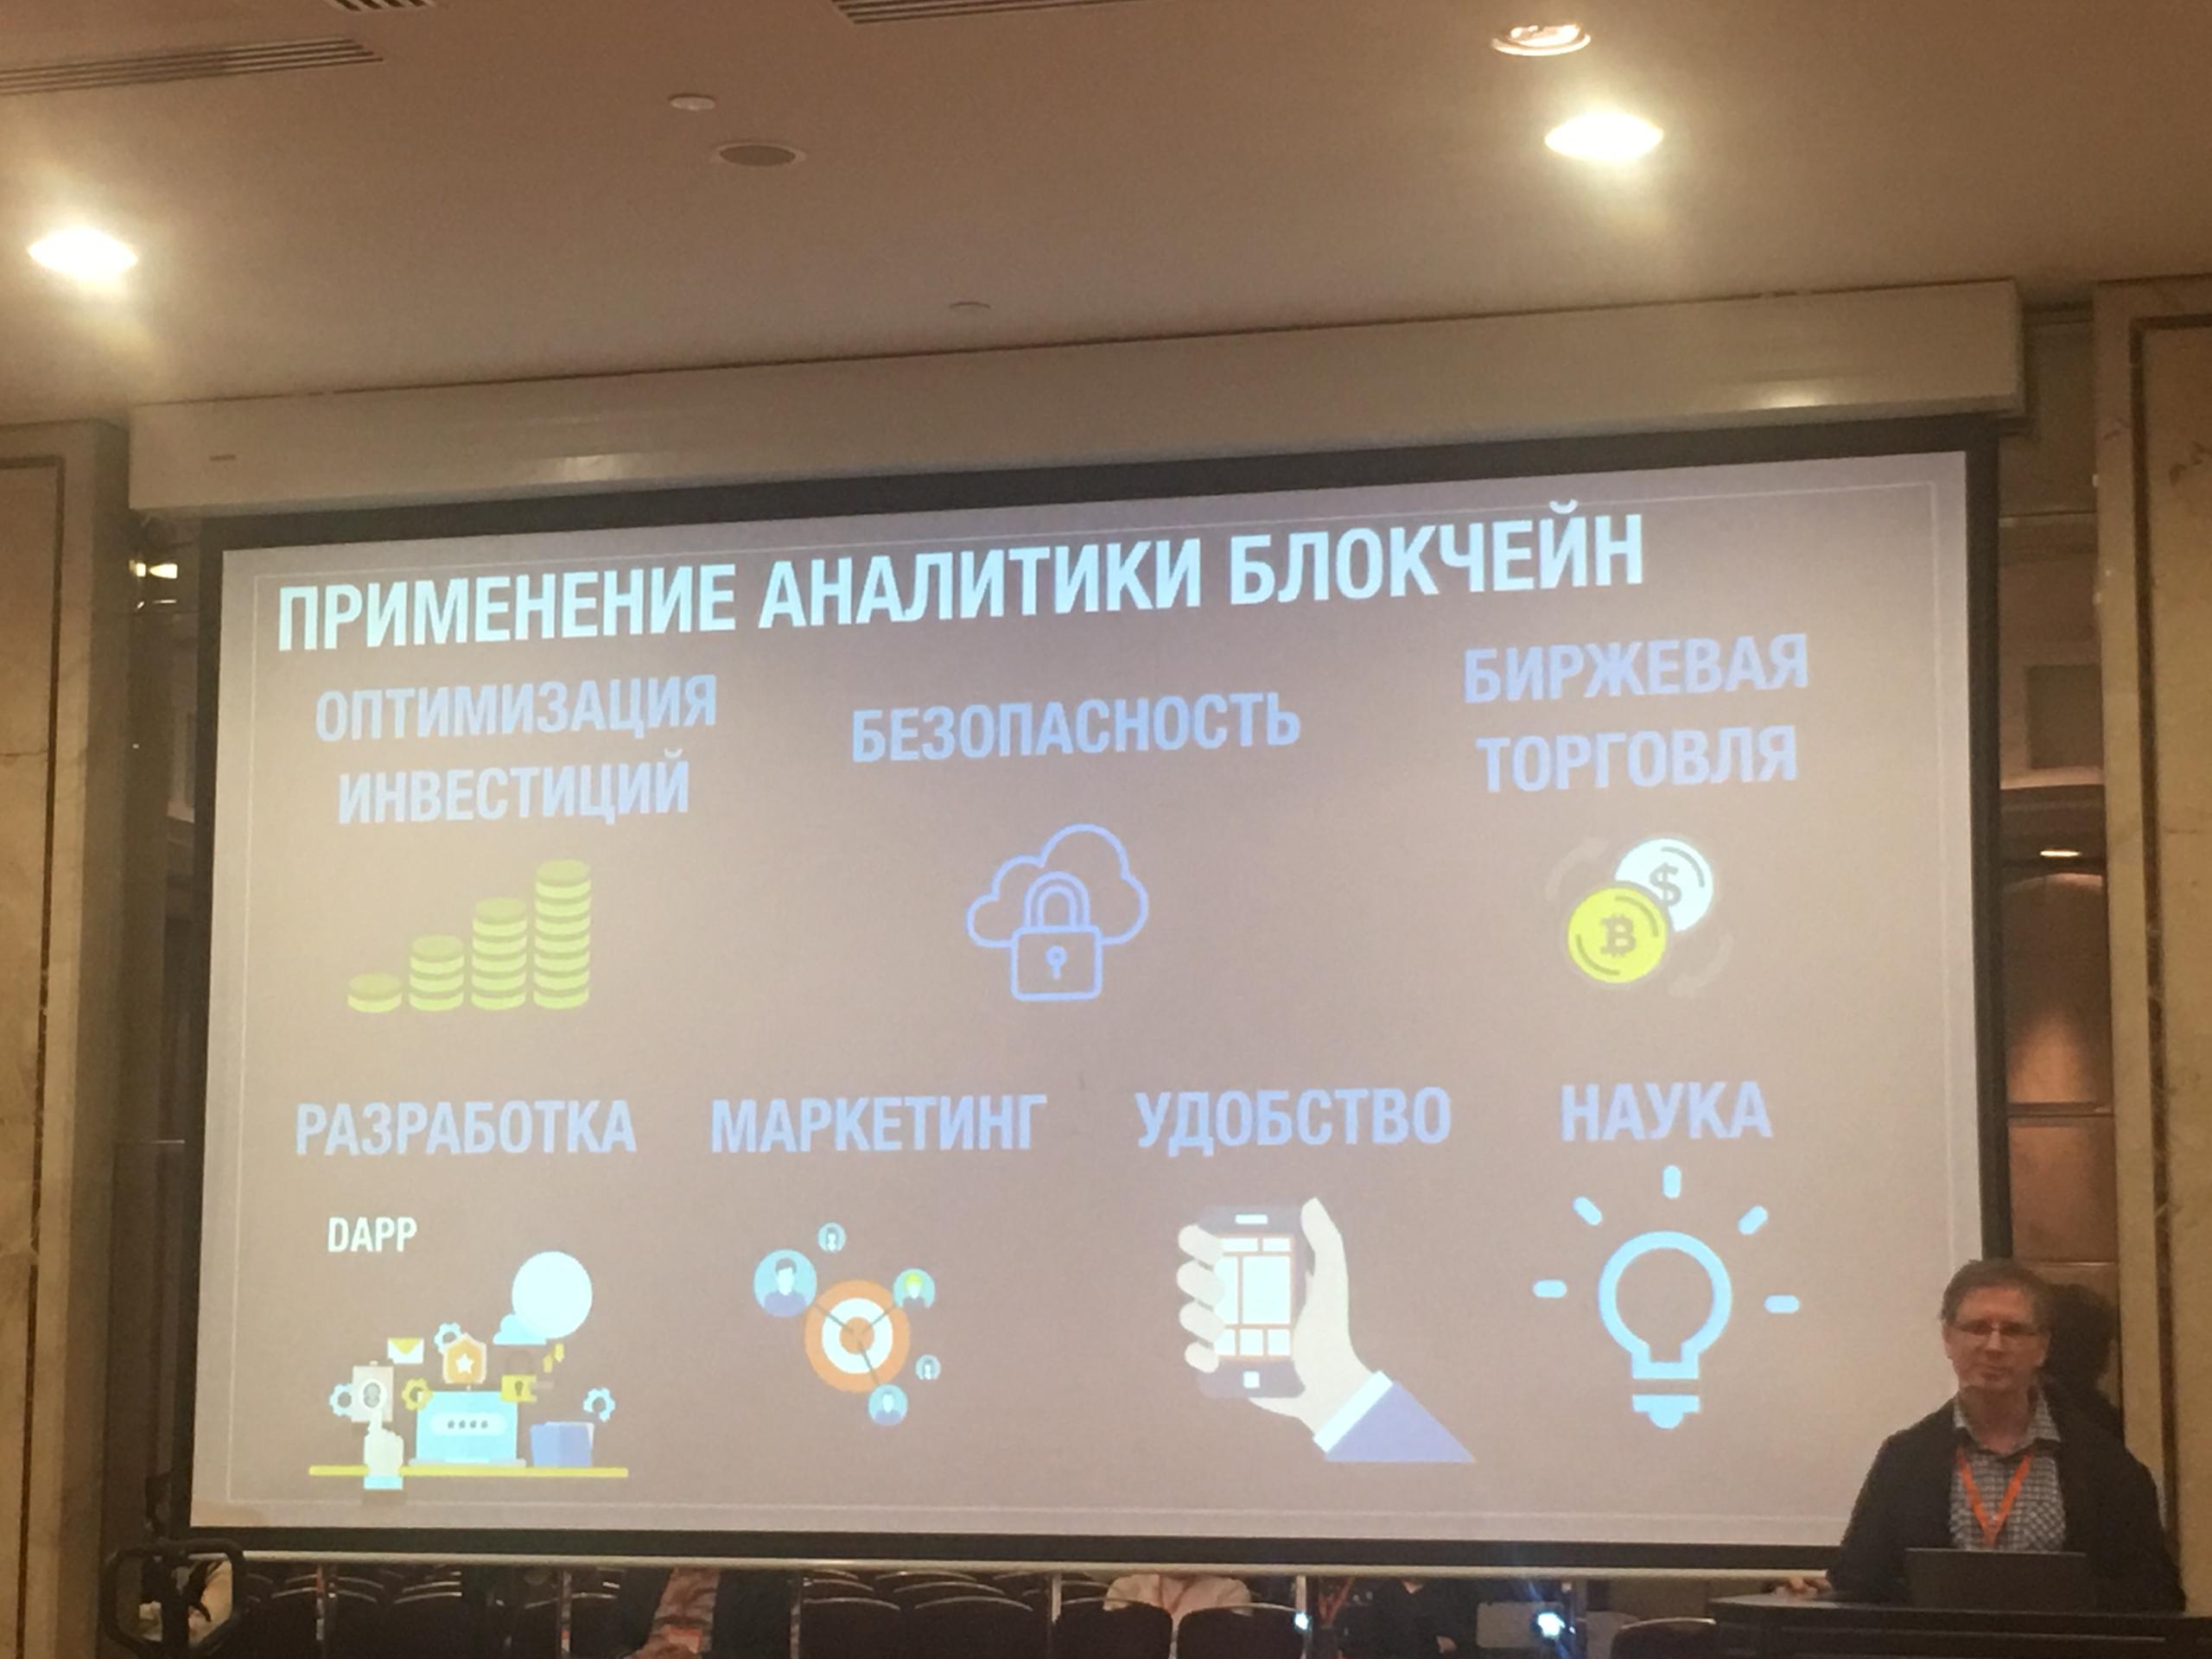 Уникальную аналитику блокчейна представили в Москве